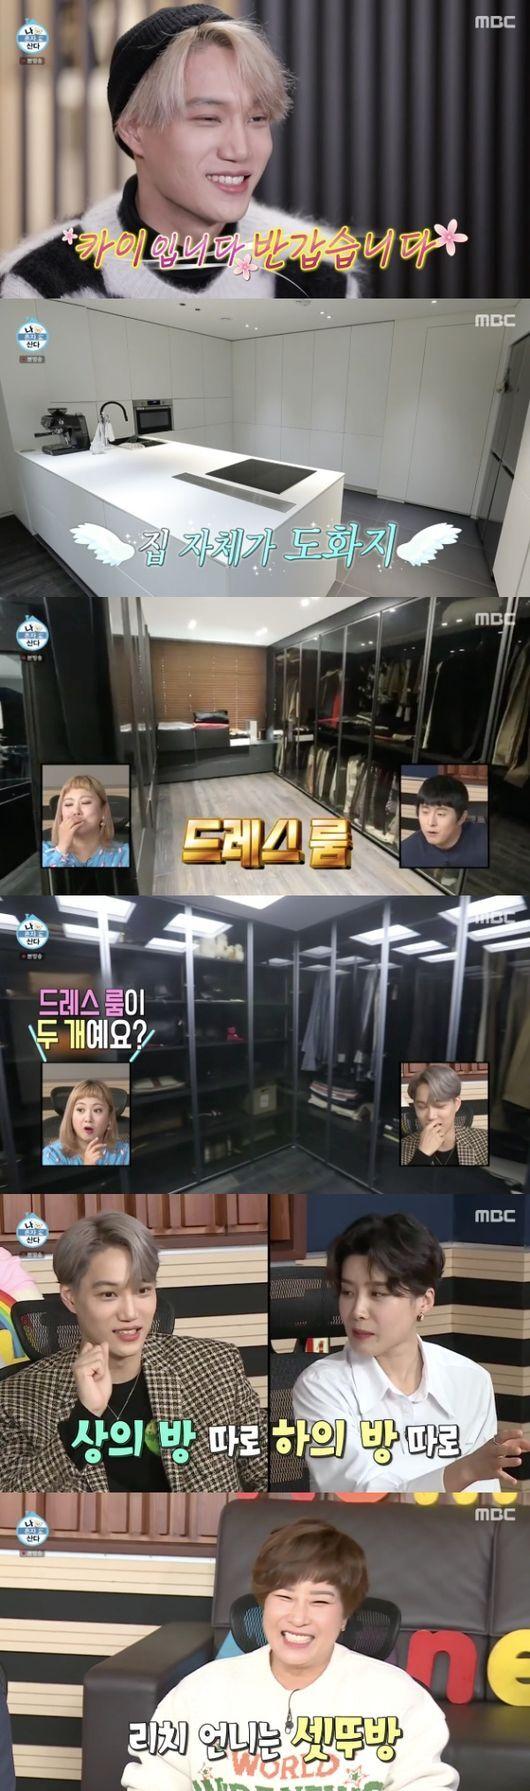 [사진=MBC 방송화면] '나 혼자 산다'에 엑소 카이가 출연해 집을 공개했다.